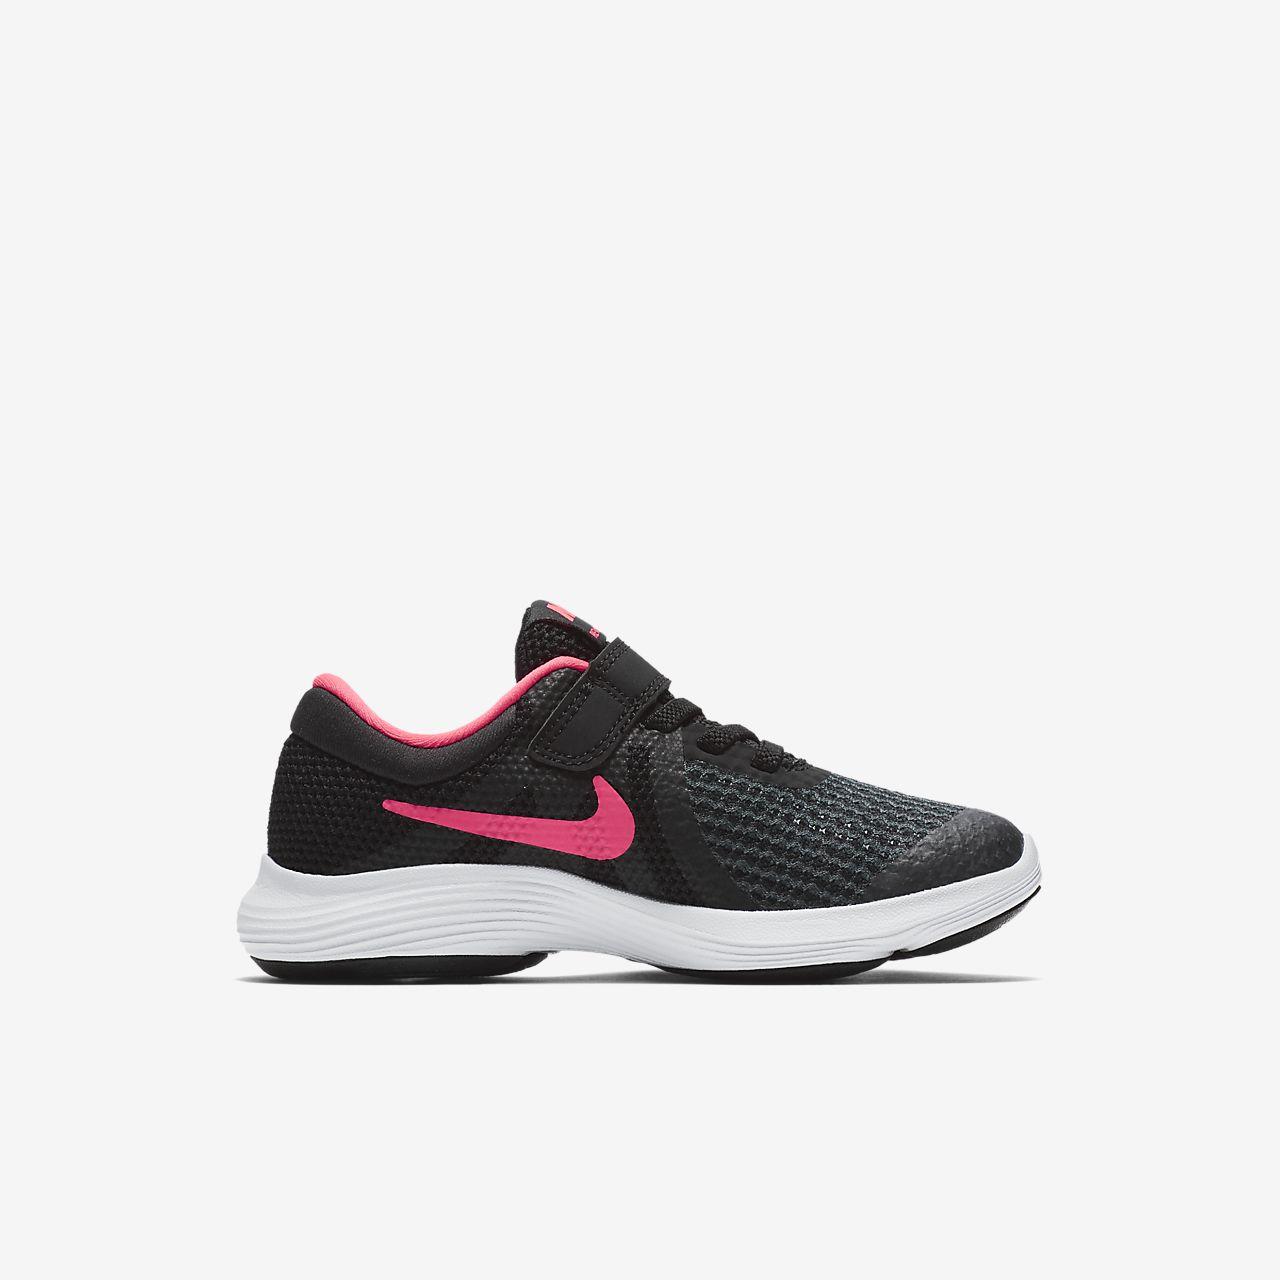 579e72c91b5ca Nike Revolution 4 Younger Kids  Shoe. Nike.com IE